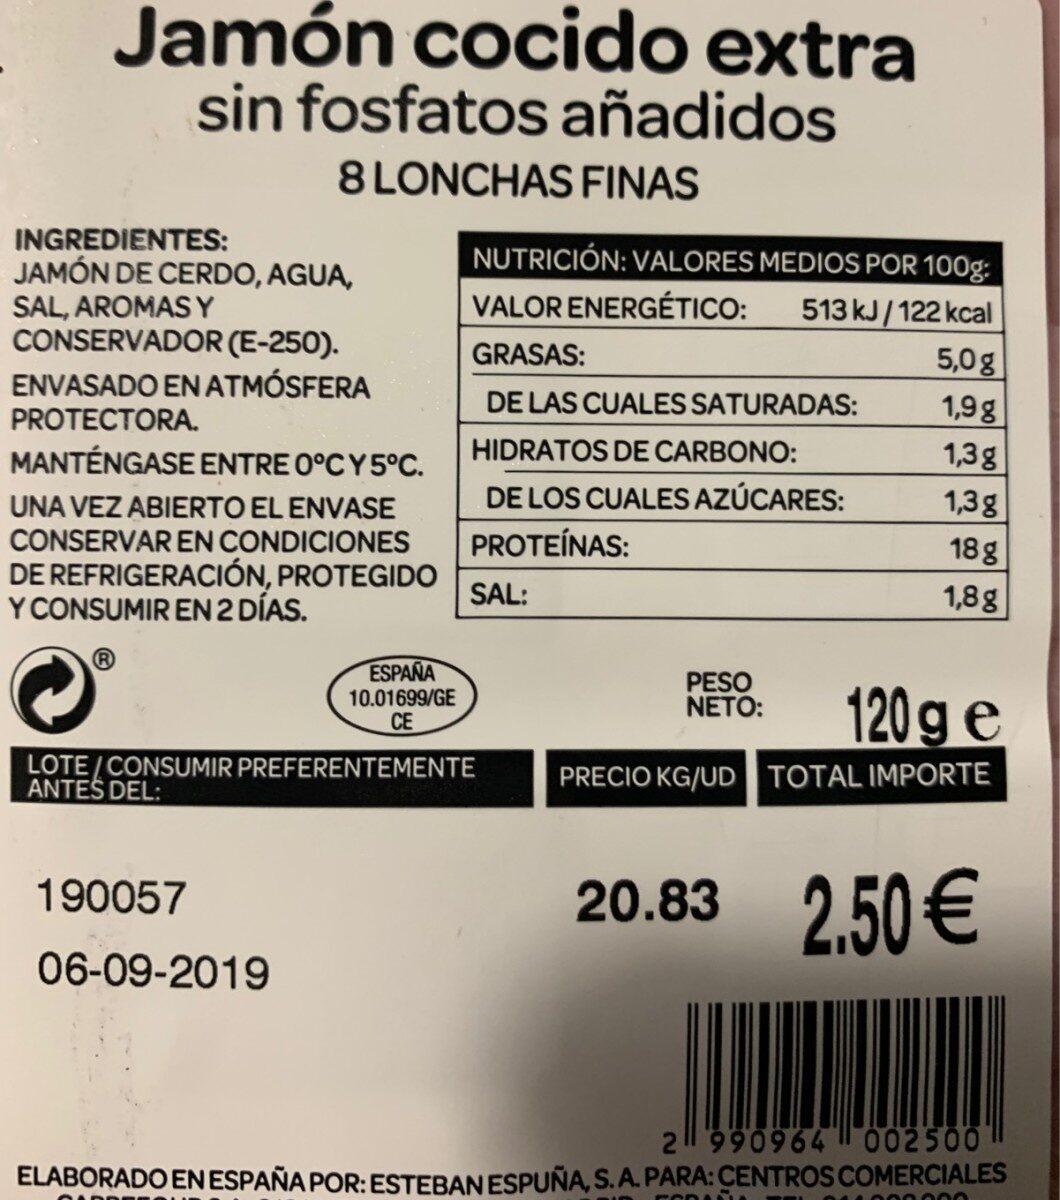 Jamon cocido extra sin fosfatos - Información nutricional - es